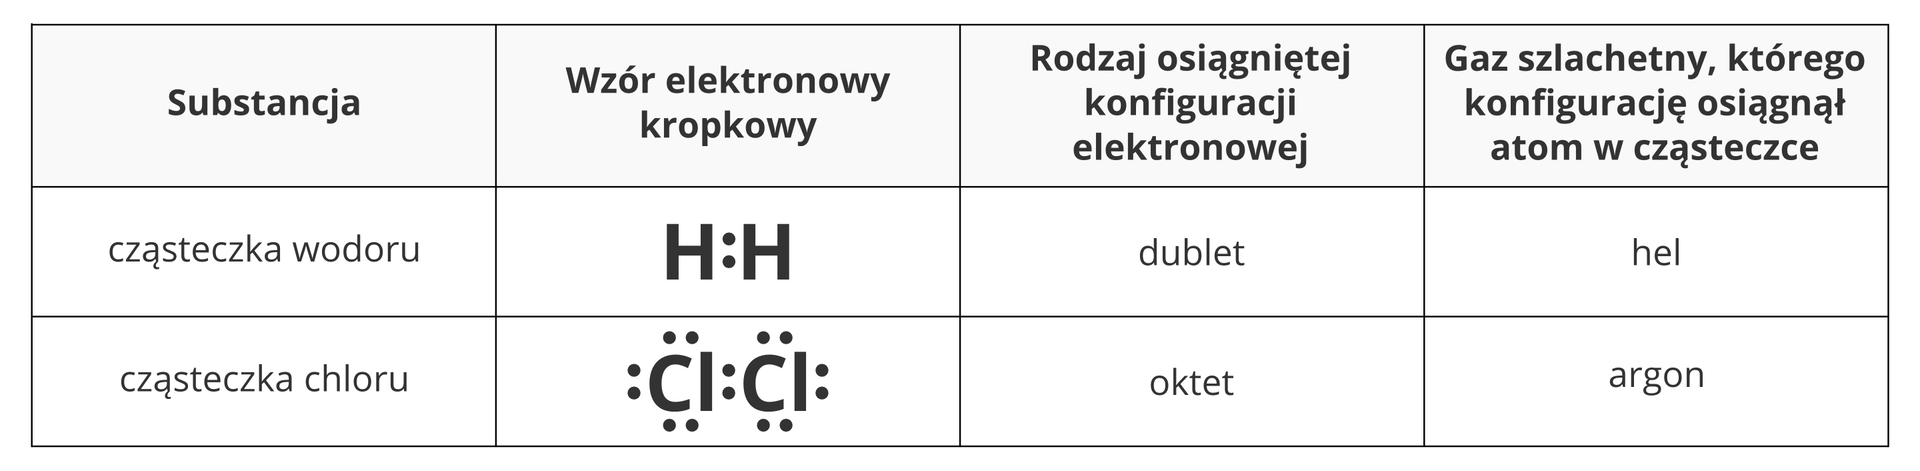 Tabela przedstawiająca konfiguracje elektronowe wcząsteczkach dwuatomowych wodoru ichloru. Wpierwszym wierszu tabeli, licząc od góry, znajduje się opis poszczególnych kolumn. Od lewej są to: substancja, wzór elektronowy kropkowy, rodzaj osiągniętej konfiguracji elektronowej oraz gaz szlachetny, którego konfigurację osiągnął atom wcząsteczce. Pierwszą przedstawioną wten sposób cząsteczką jest wodór, gdzie dwa atomy połączone są jedną parą elektronową. We wzorze kropkowym pomiędzy dwiema literami Hpojawiają się dwie kropki itaka konfiguracja elektronowa nosi nazwę dubletu, awystępuje whelu. Drugą cząsteczką jest chlor. Tam dwa atomy również połączone są parą elektronów, ale oprócz tego każdy atom ma jeszcze po trzy własne pary elektronowe, których kropki tworzą we wzorze elektronowym dokładną otoczkę atomów - każda litera Cl ma po dwie kropki ze stron lewej, prawej, od góry iod dołu. Taka konfiguracja nosi nazwę oktetu, asam chlor uzyskuje wcząsteczce konfigurację elektronową argonu.